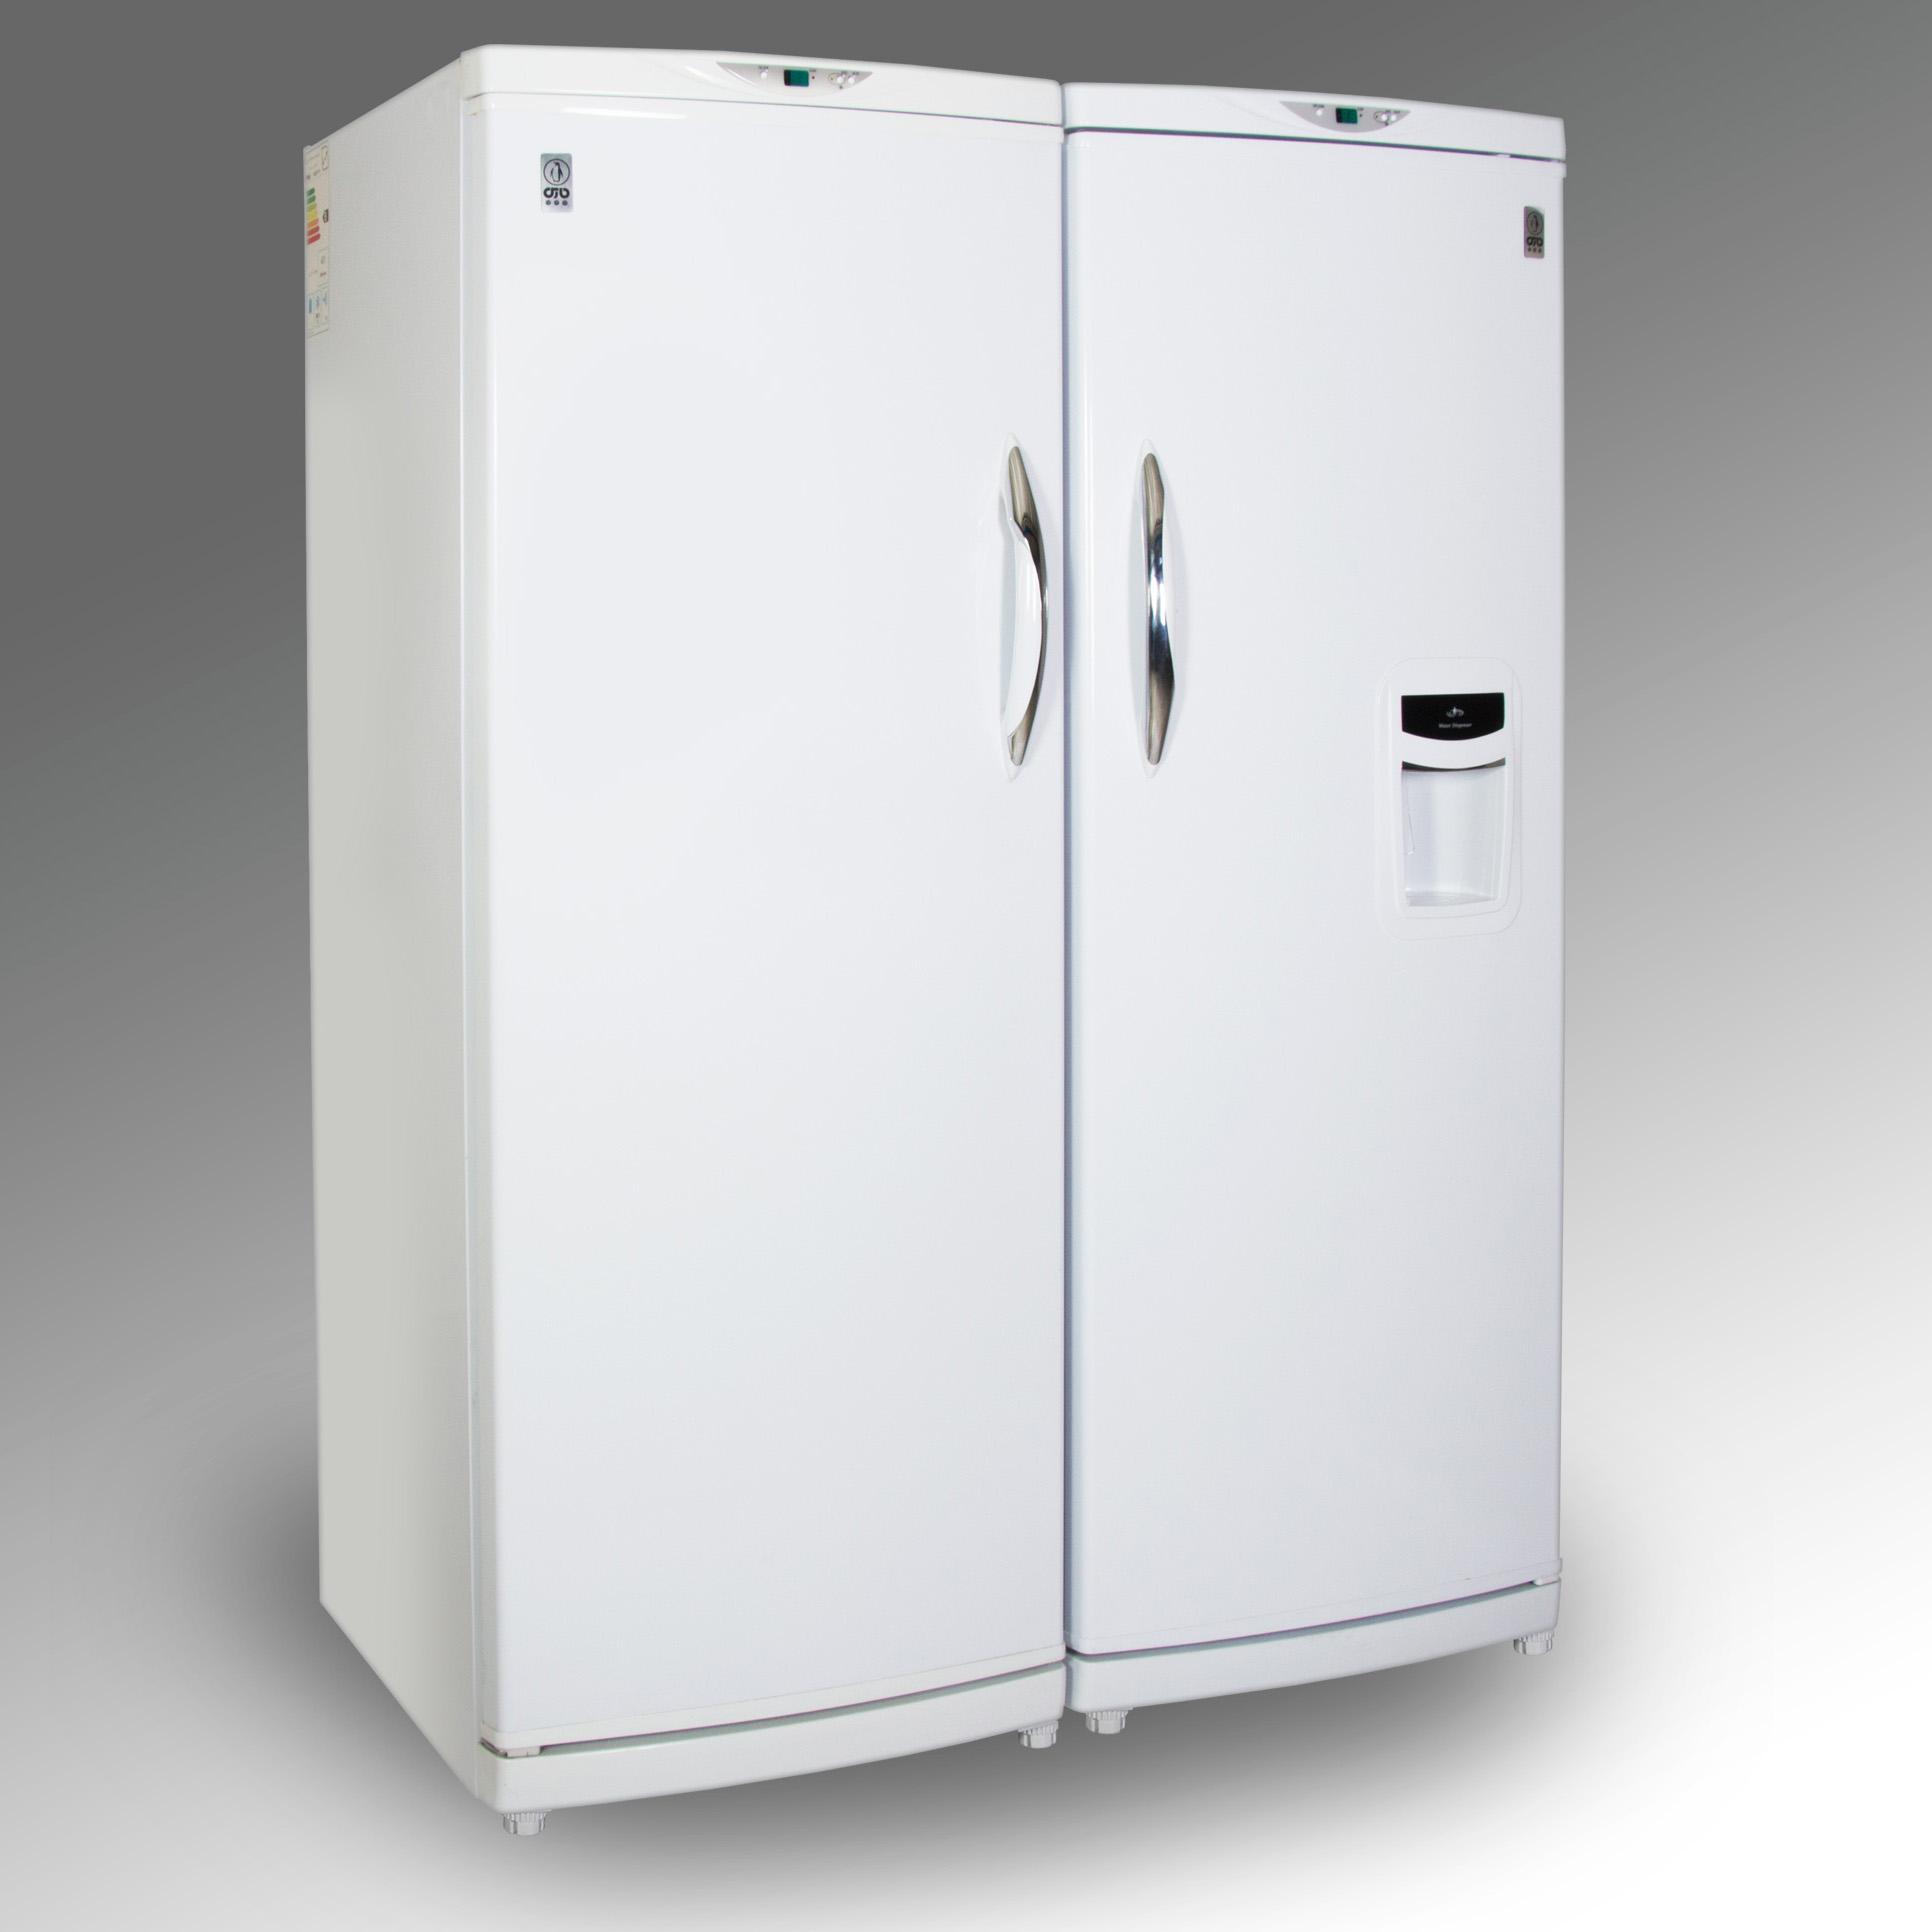 یخچال و فریزر دوقلو پارس مدل PRH17631EW/W-FRZNF170 main 1 1